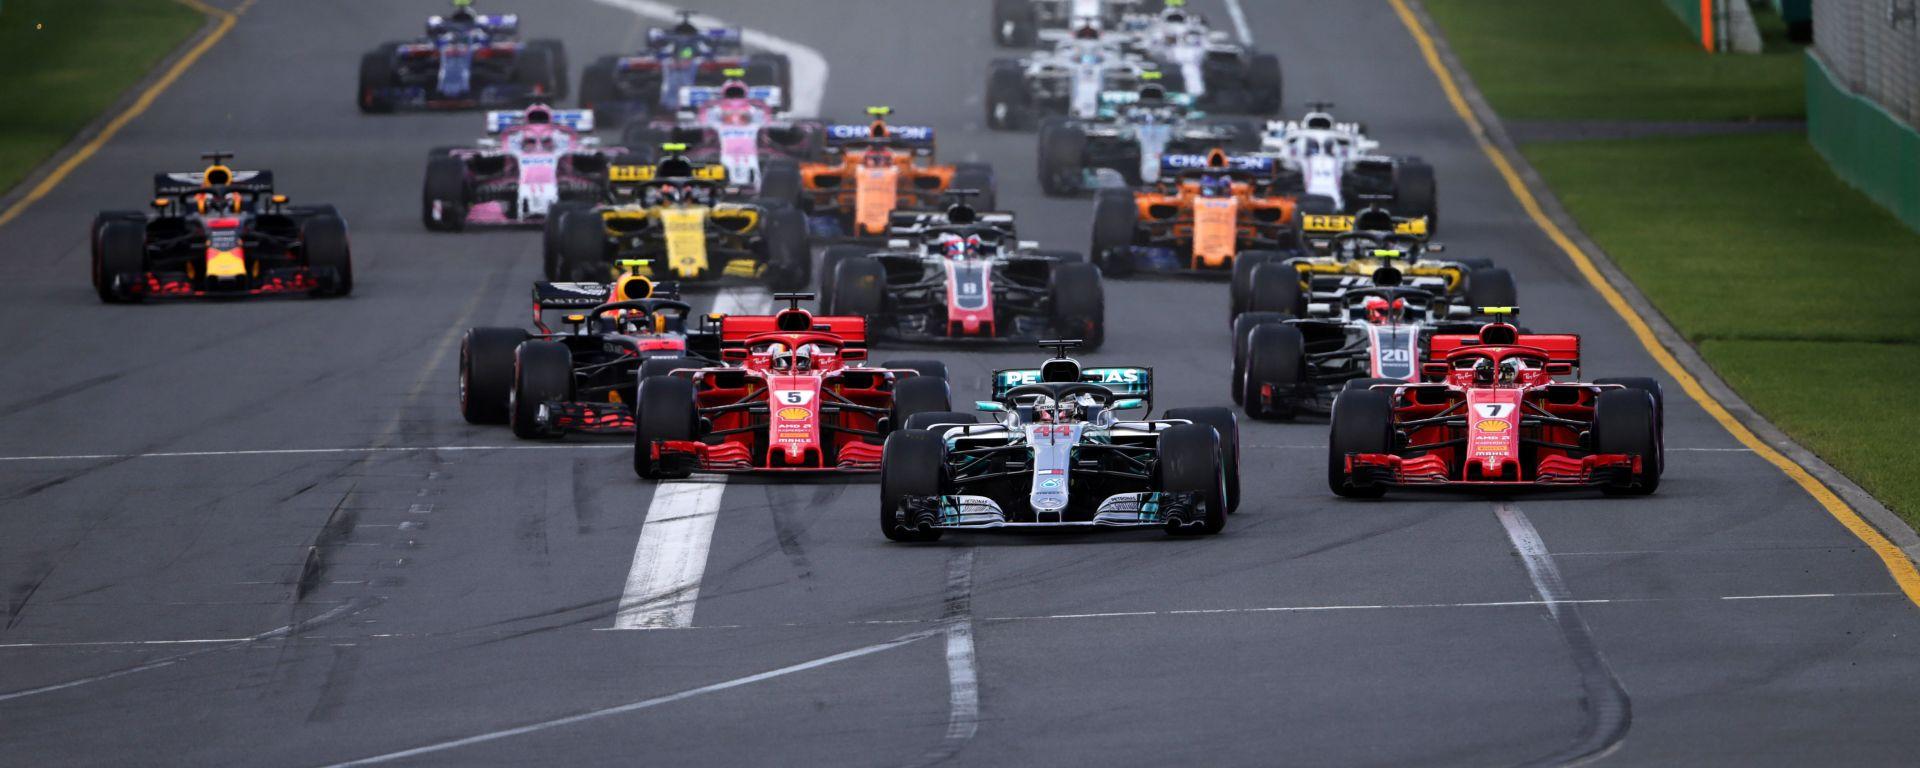 La partenza del Gran Premio d'Australia F1 2018